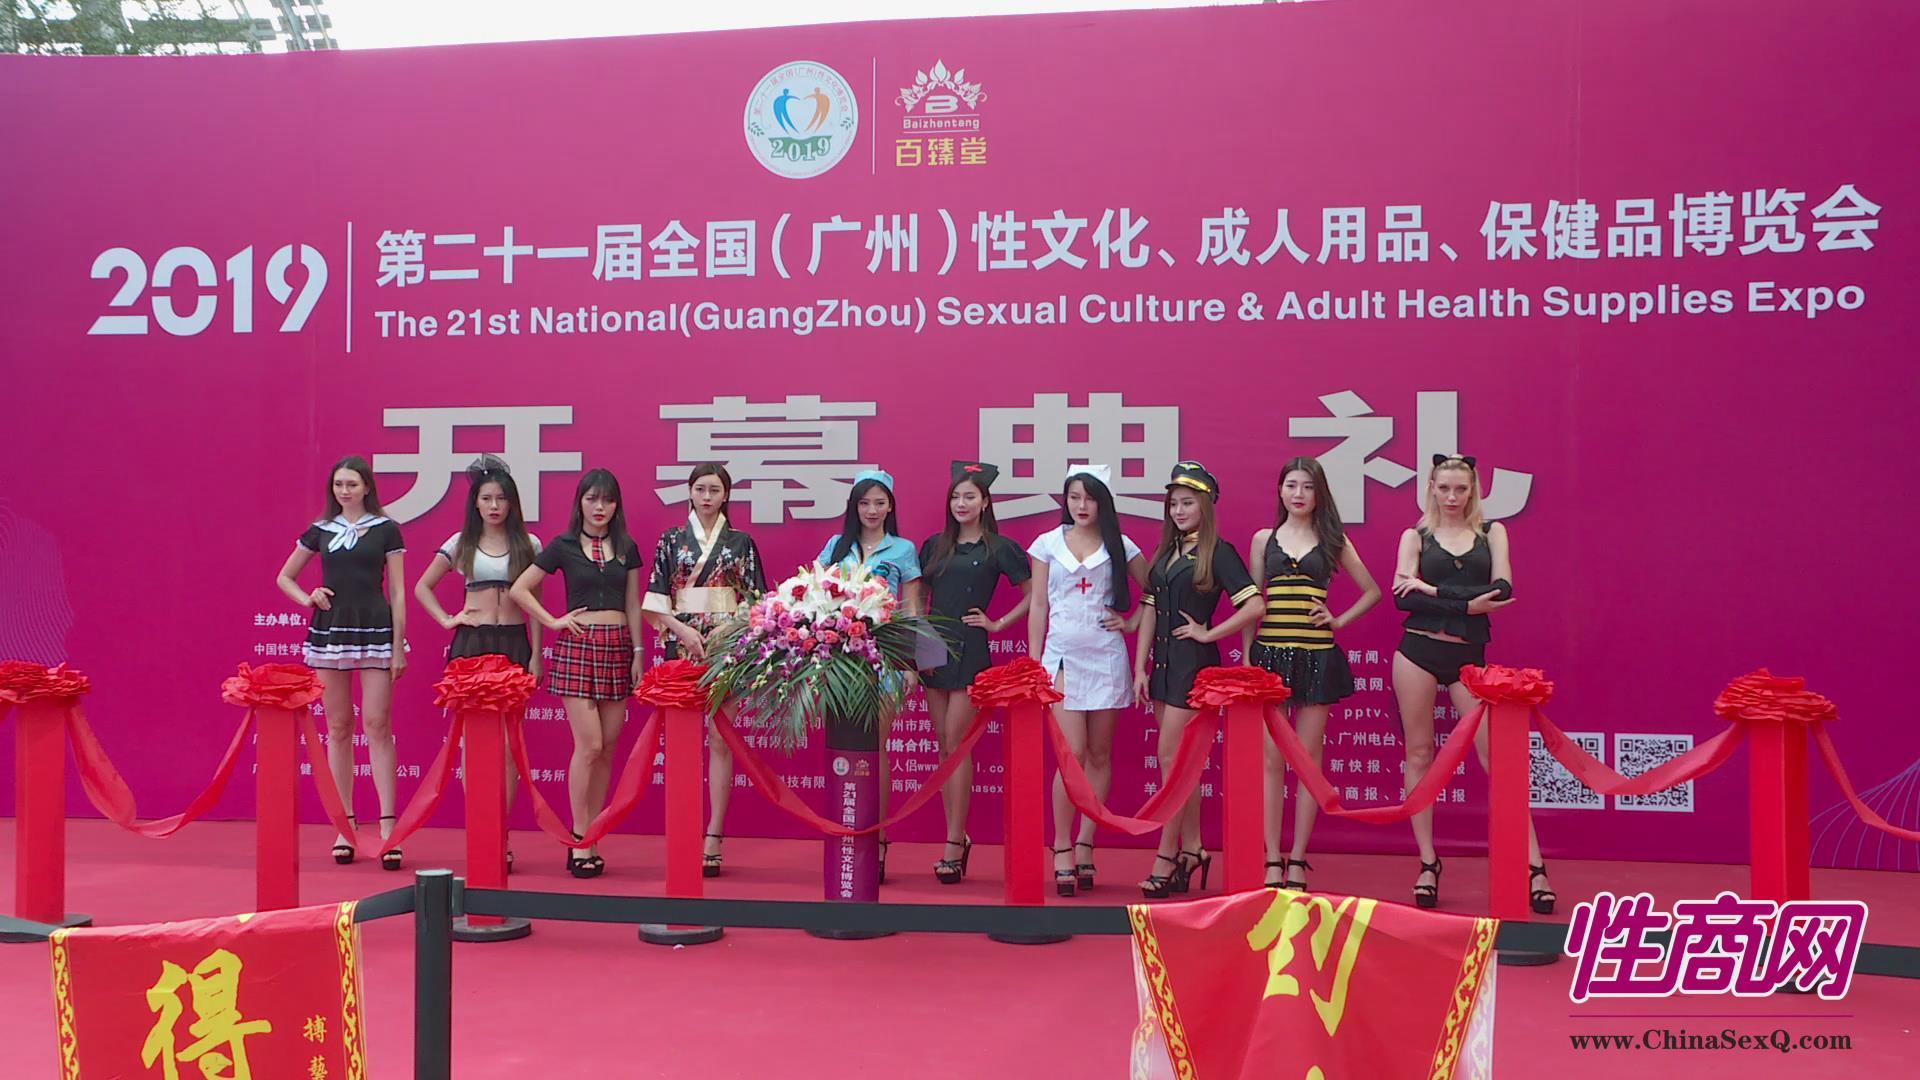 2019广州性文化节活动众多,精彩纷呈图片2